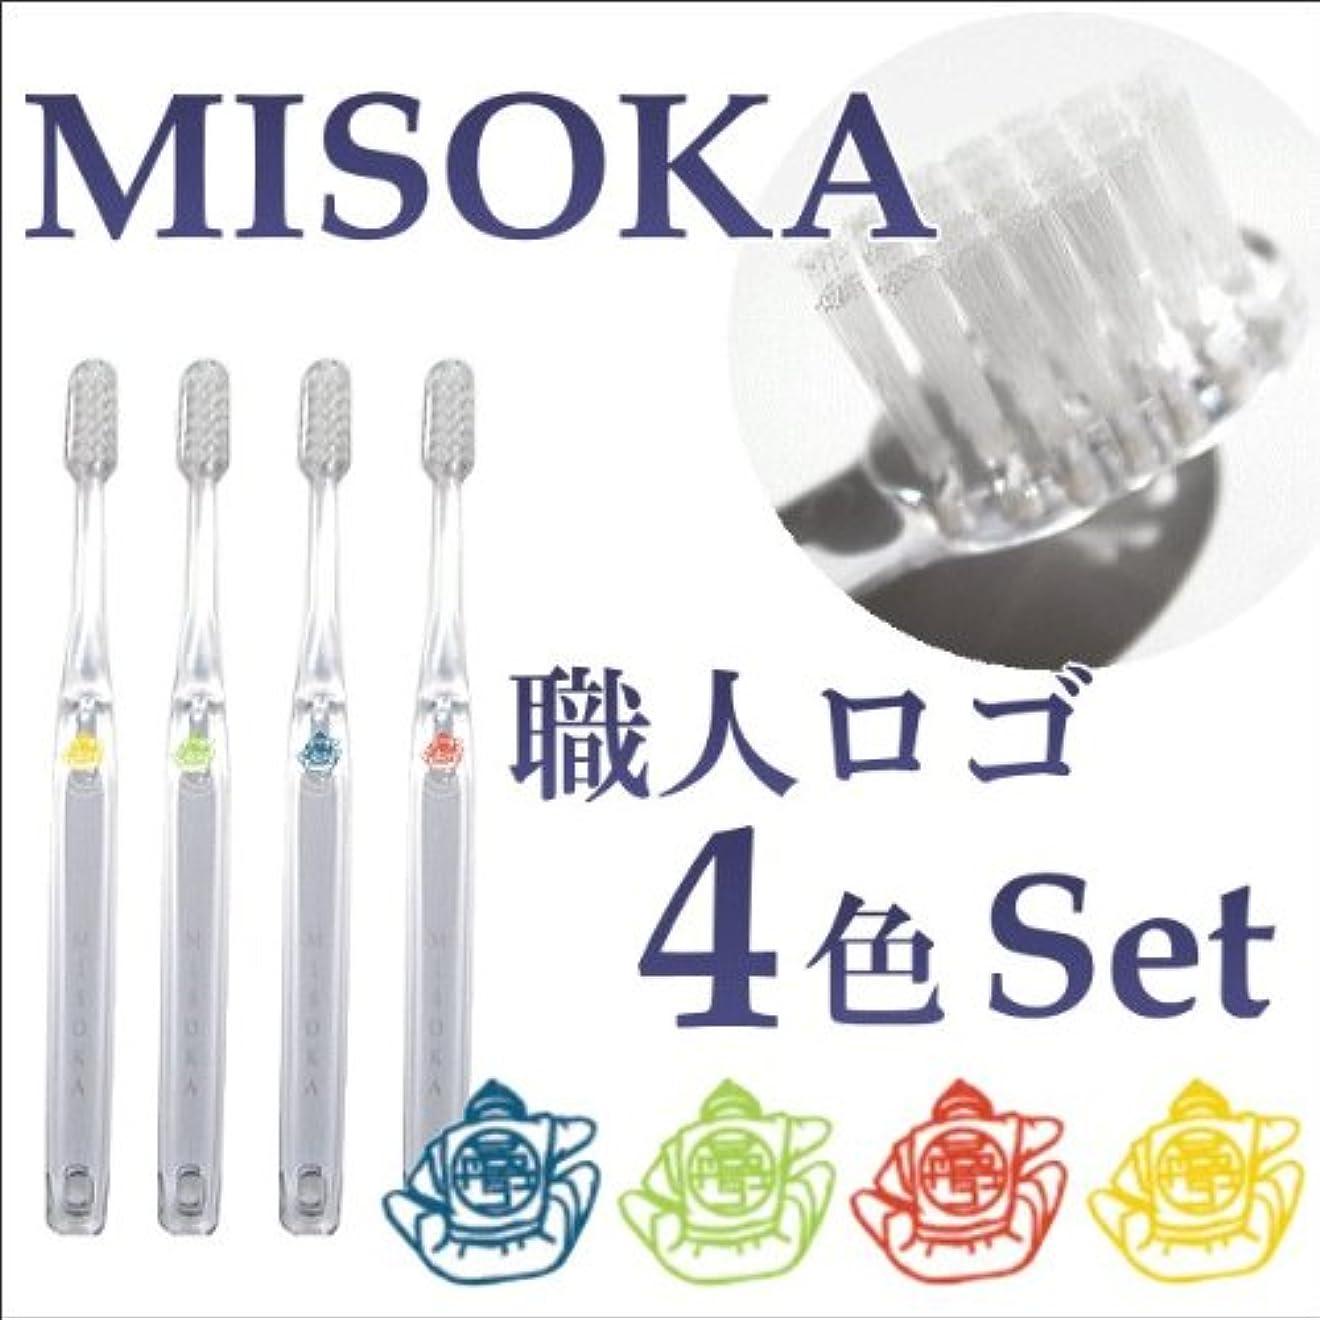 クスクス植生スチュアート島「MISOKA」職人技の歯ブラシ ミソカ 職人ロゴ4色セット×2セット